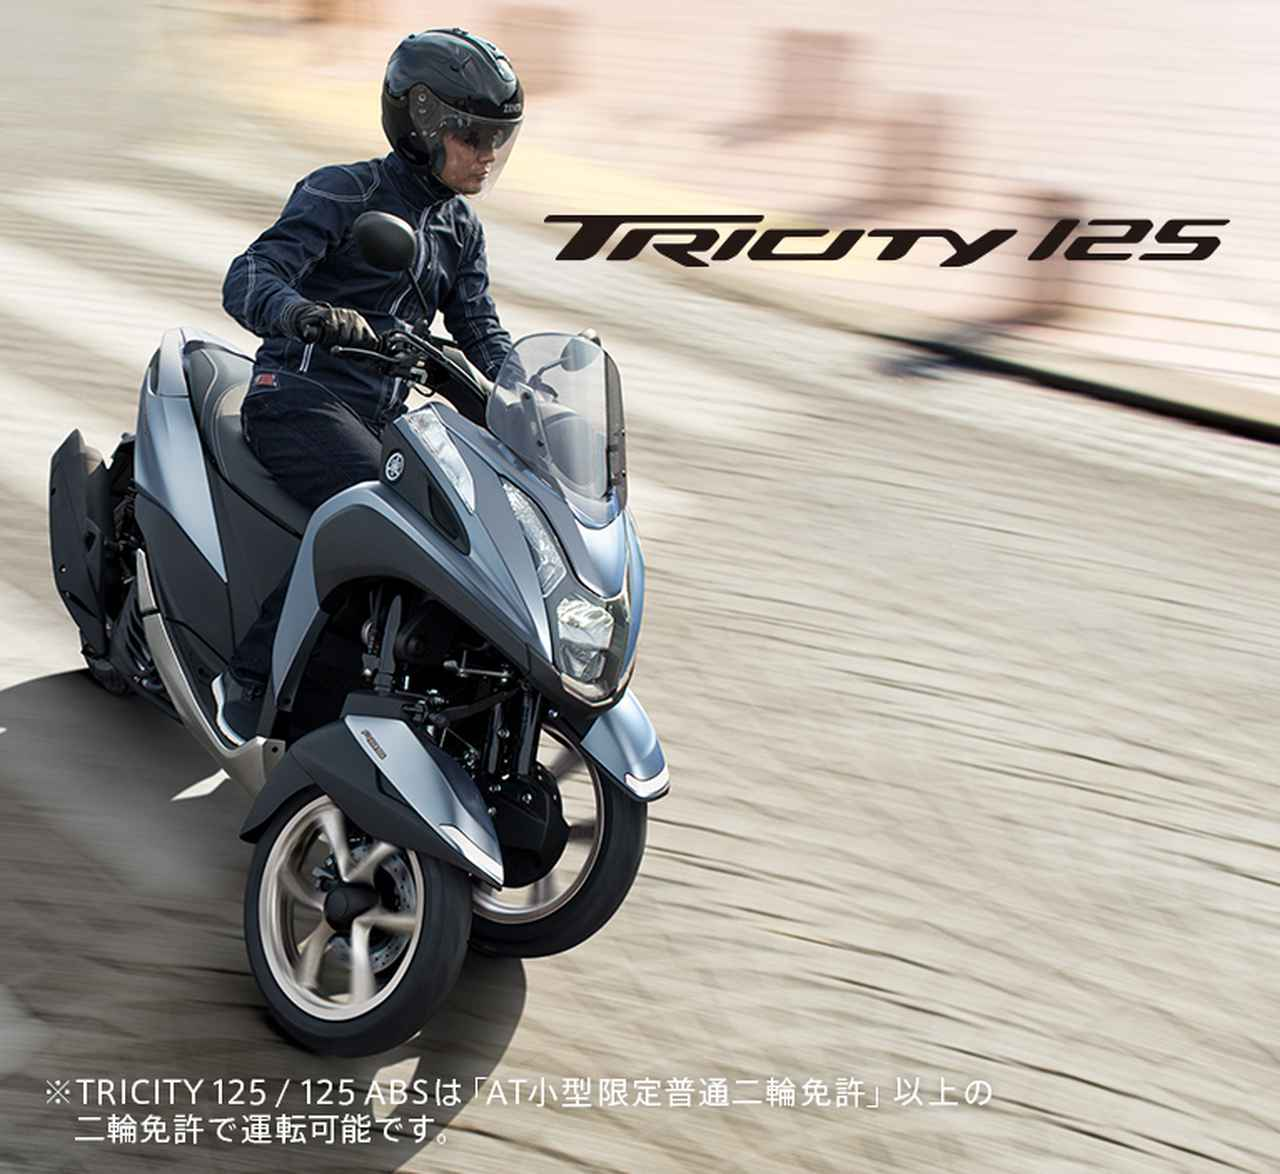 画像: トリシティ125 - バイク・スクーター|ヤマハ発動機株式会社